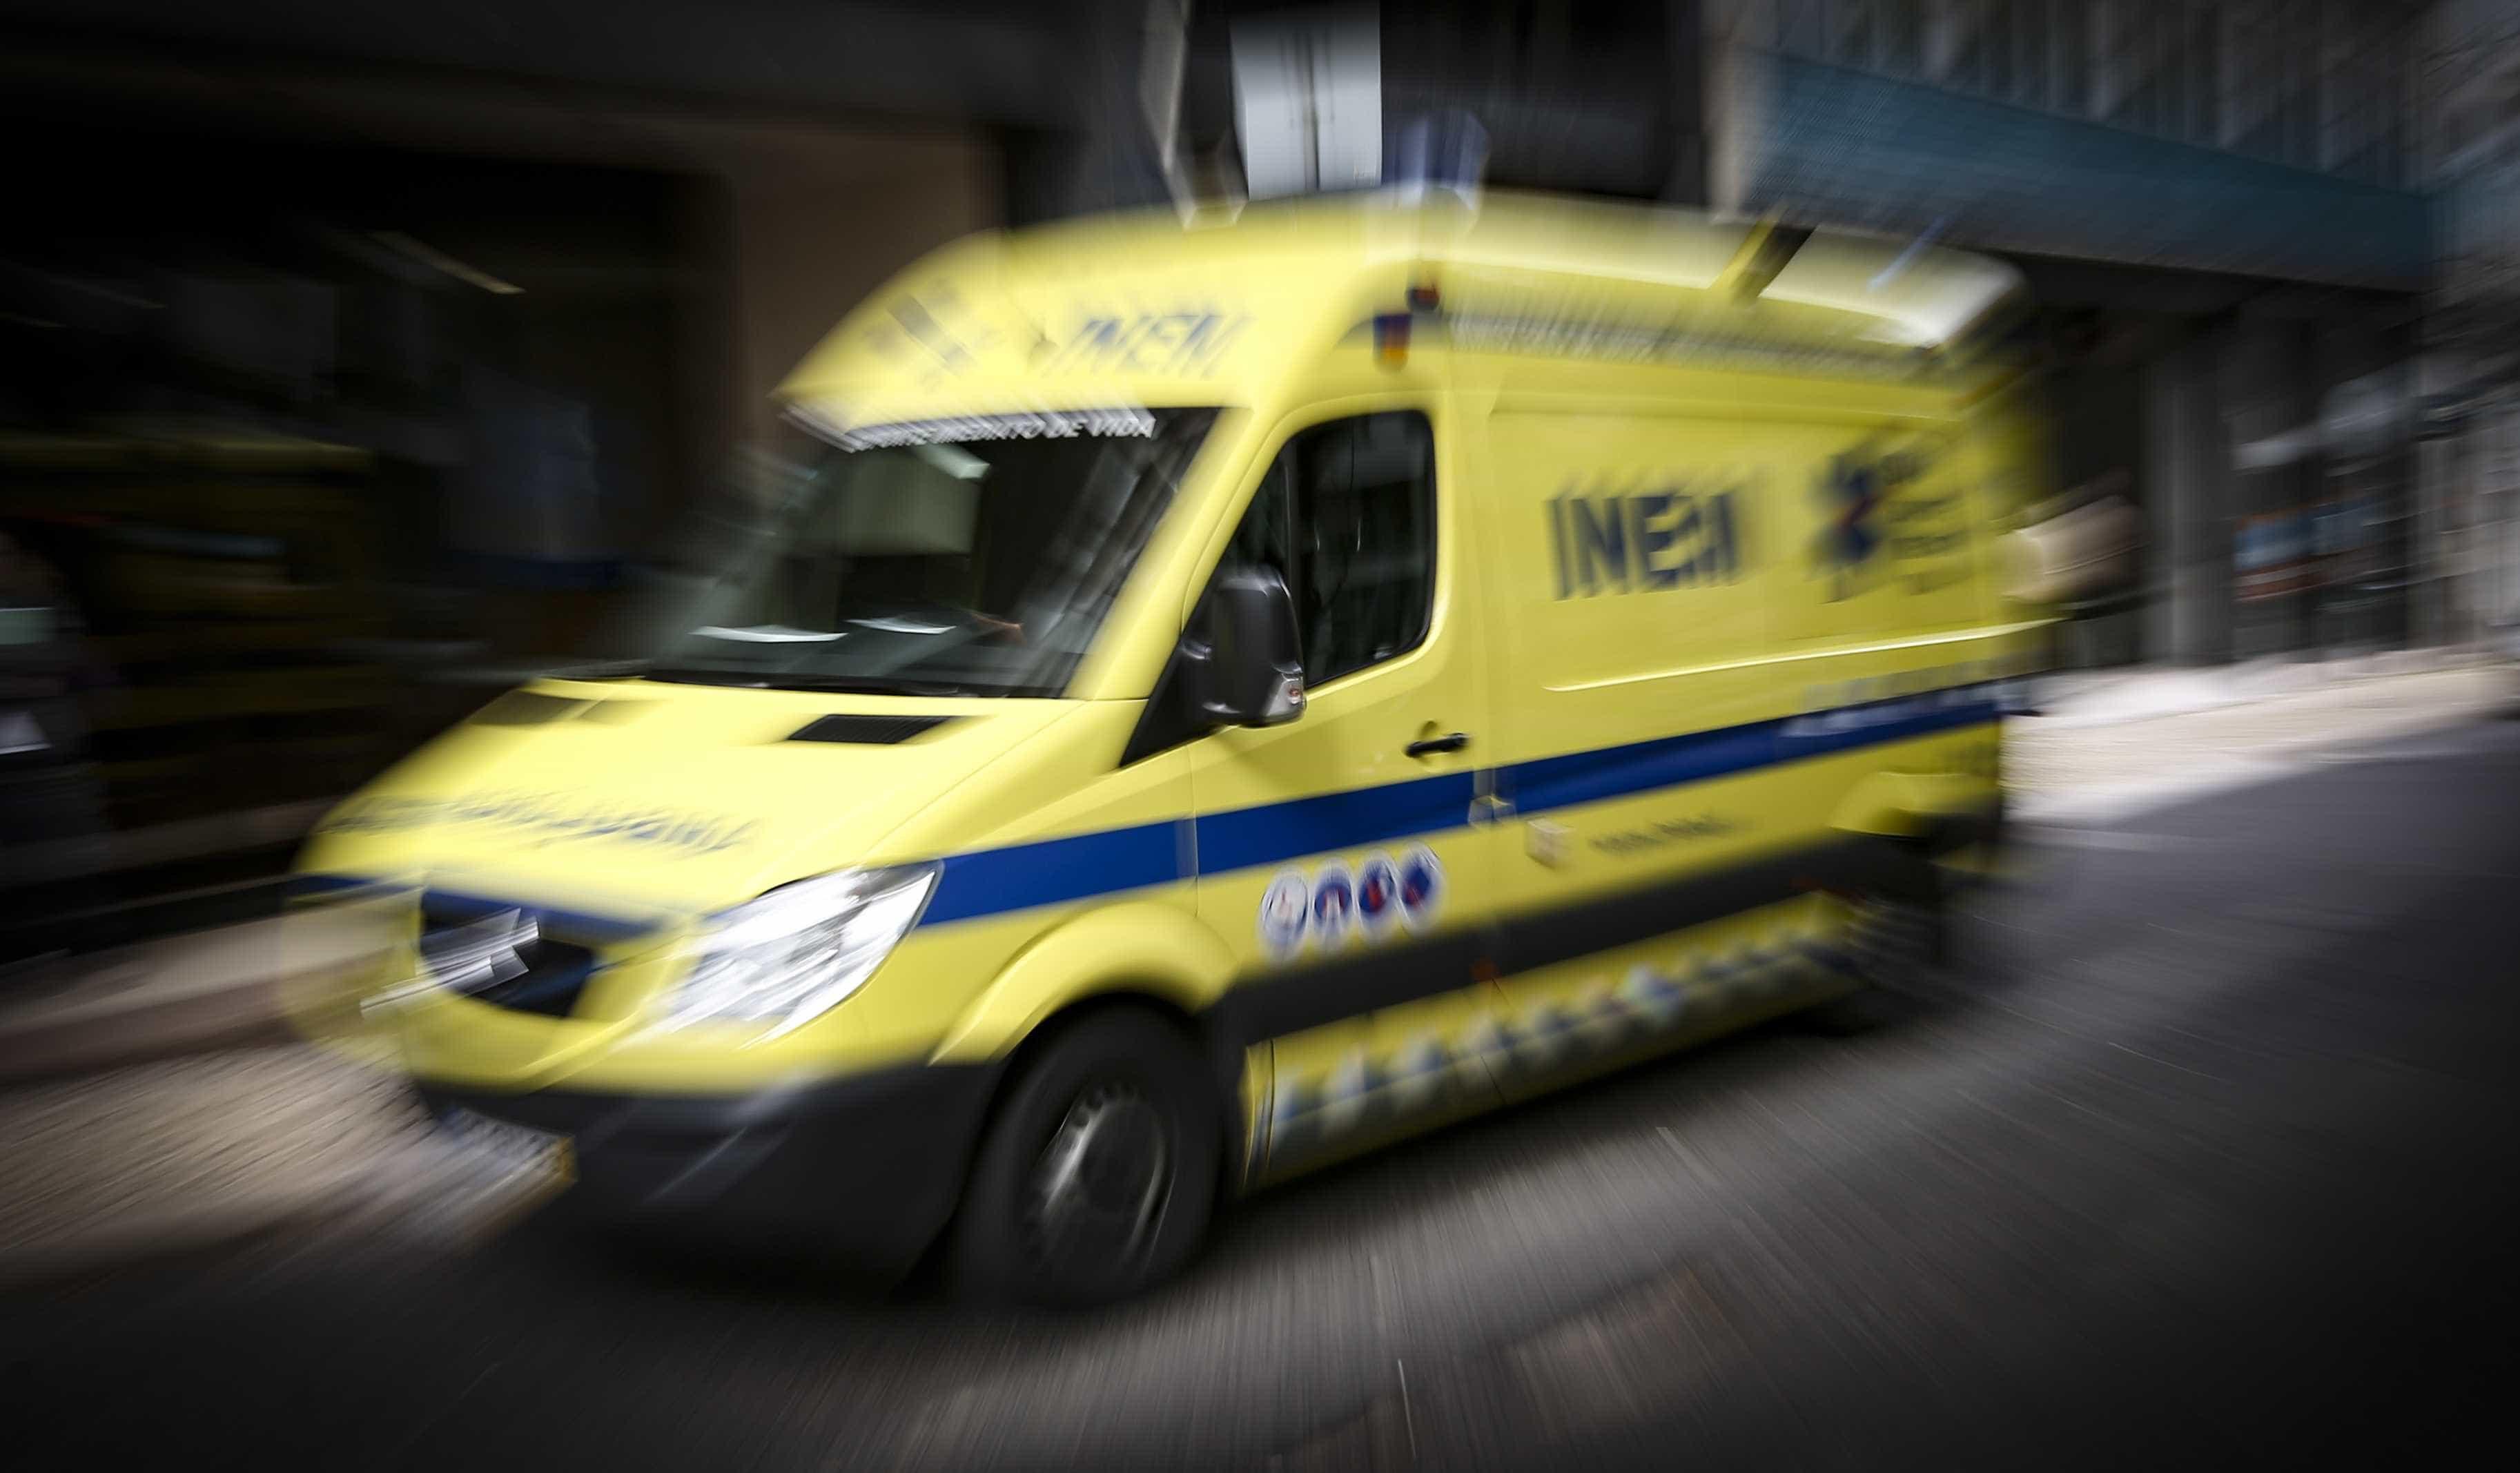 Colisão em cadeia entre pesados e ligeiros faz 16 feridos na A6 em Elvas